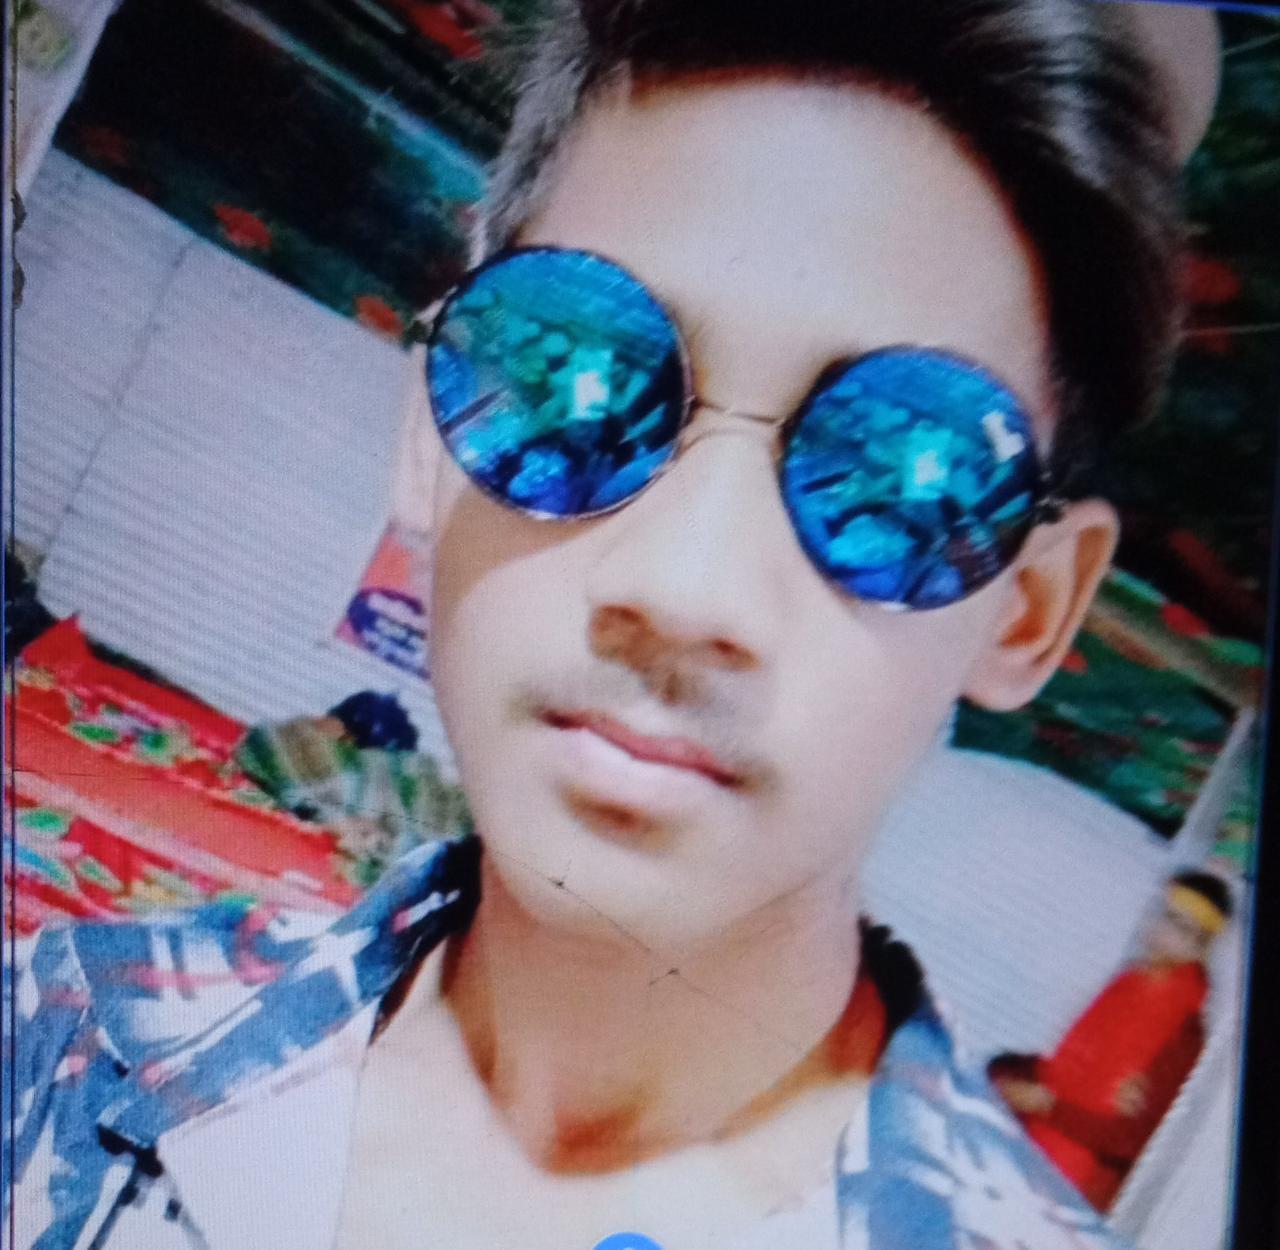 बरेली में हत्यारों ने युवक की गर्दन रेती, चाकुओं से पीठ गोदी, पेट फाड़ा और दोनों टांगों के बीच में चाकू डालकर खींच दिया|बरेली,Bareilly - Dainik Bhaskar